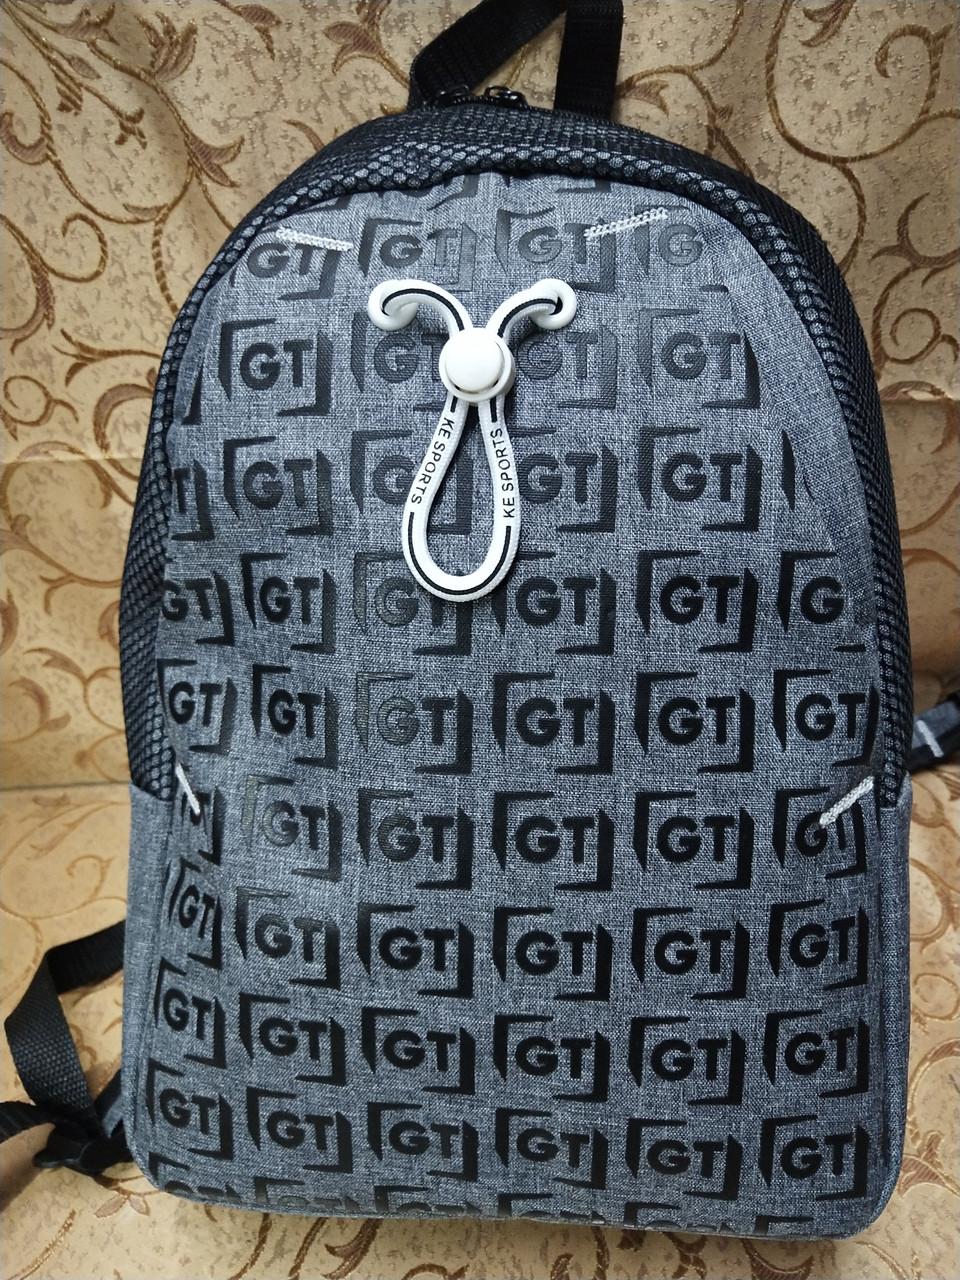 Рюкзак GT принт последний стиль мессенджер спорт спортивный городской стильный Школьный рюкзак только опт